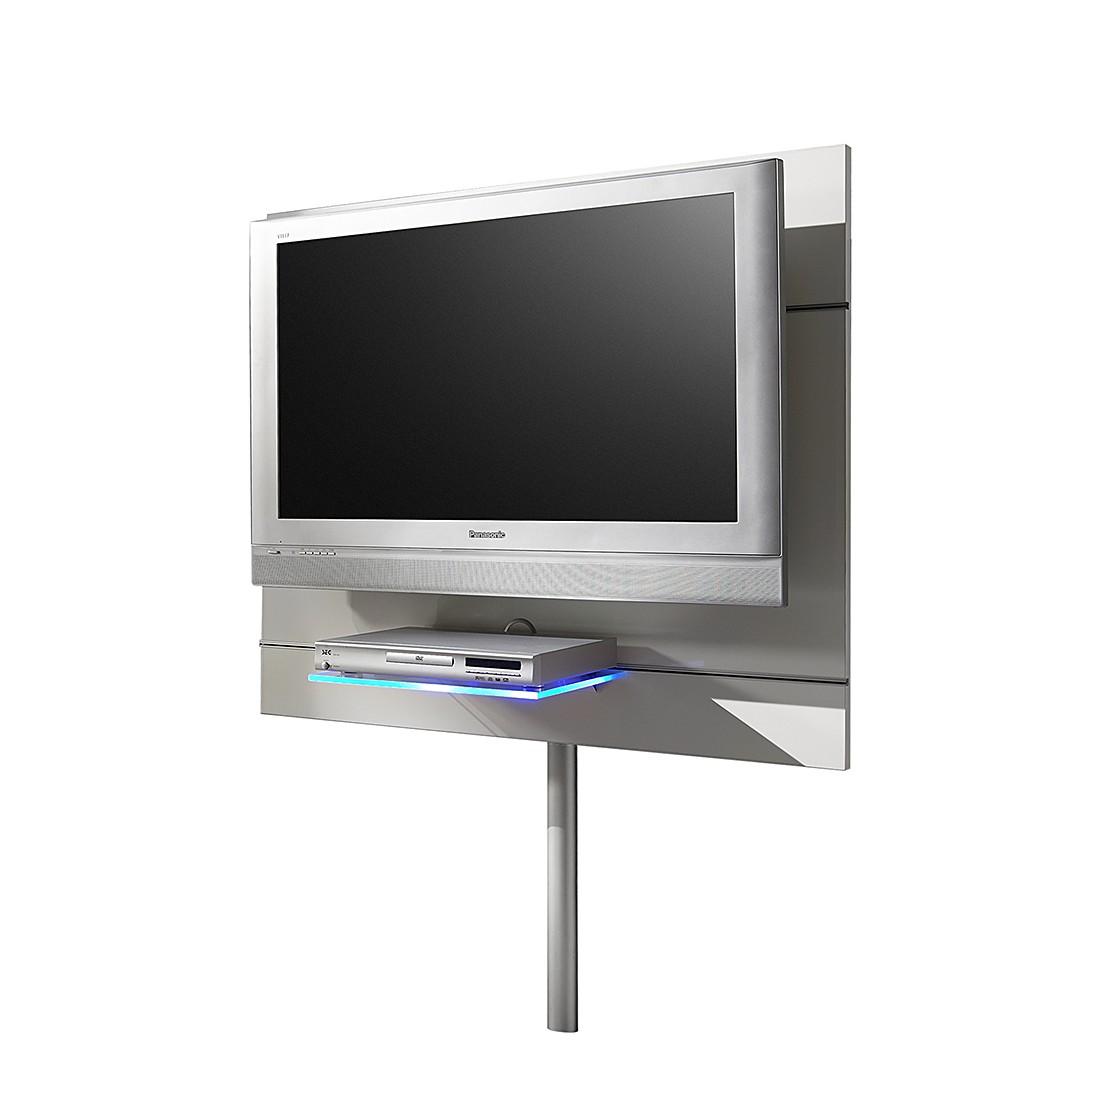 Design Meuble Tv Plasma Design Divano Versailles 2633  # Meuble Tv Plasma Design Divano